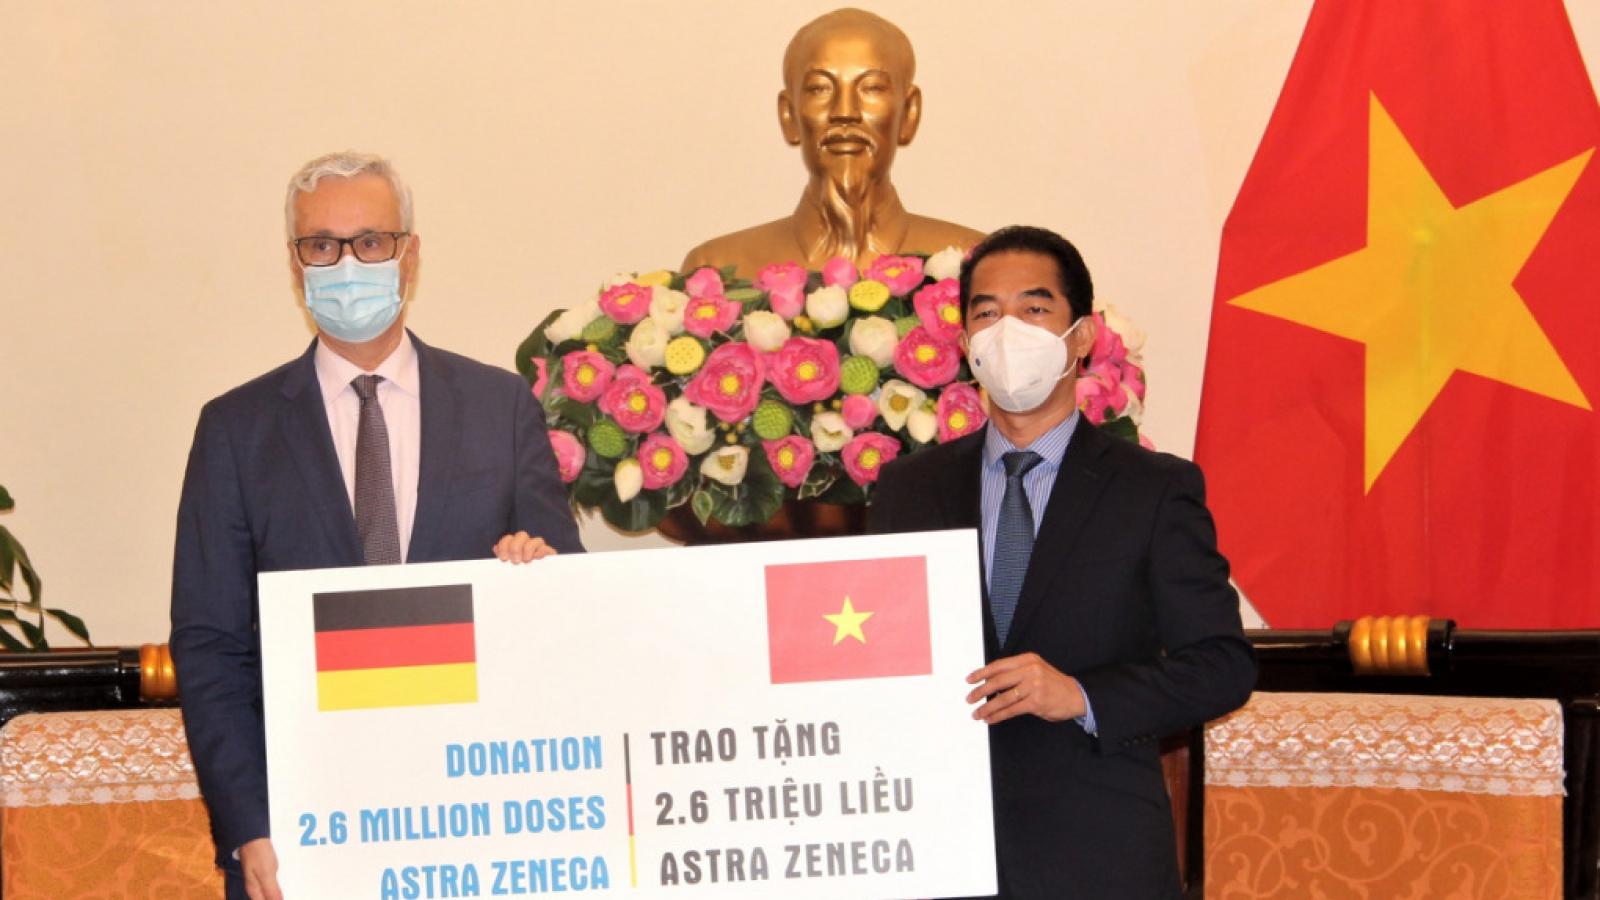 Đức trao tặng 2,6 triệu liều vaccine cho Việt Nam